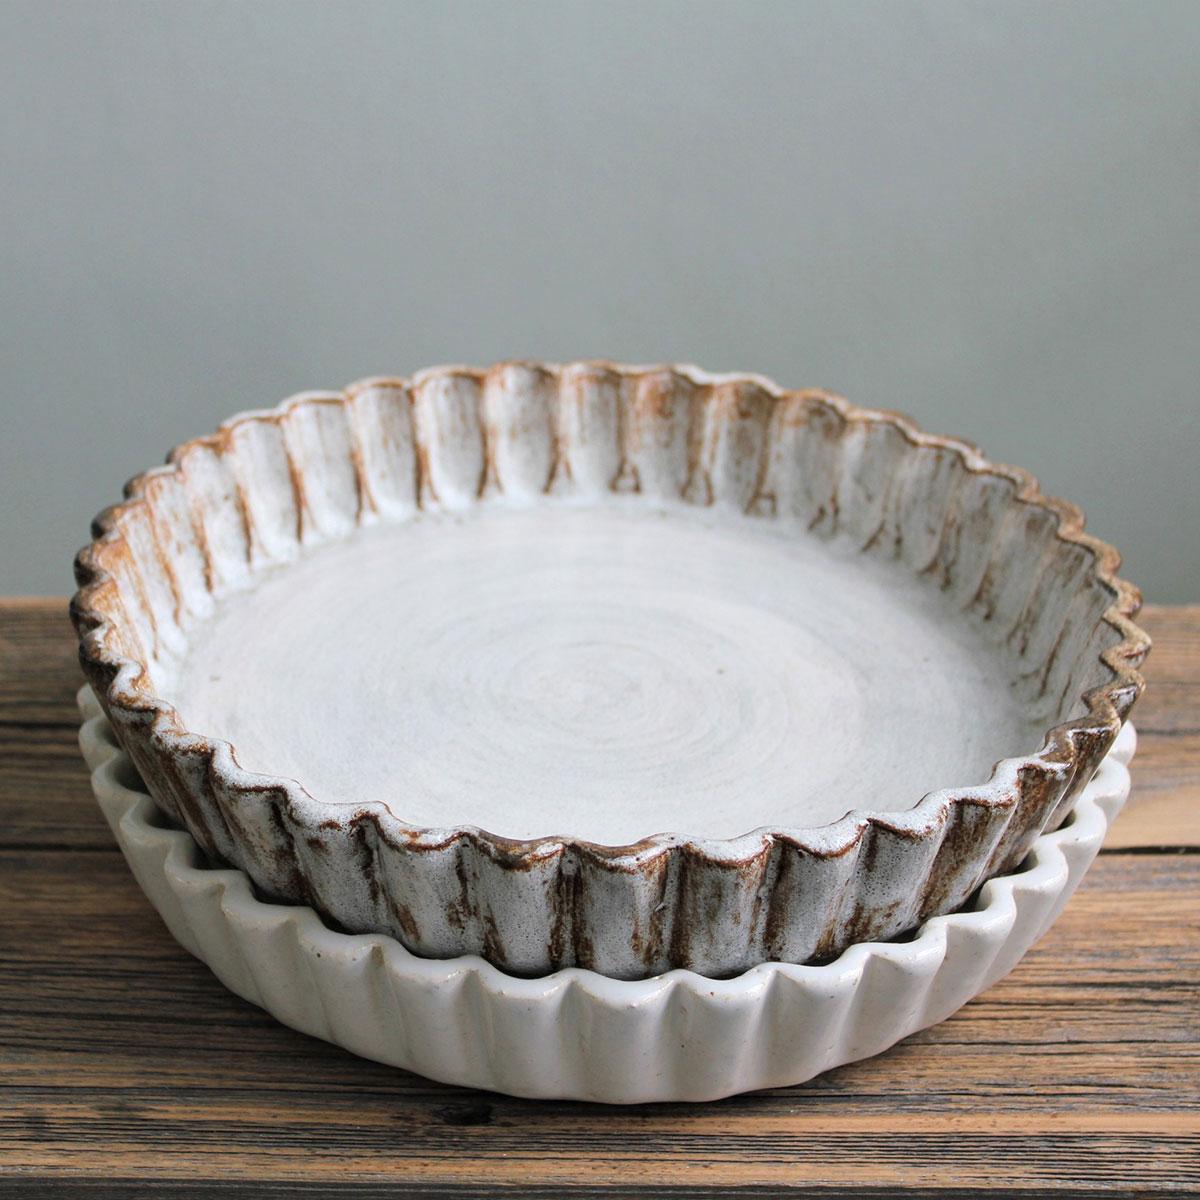 картинка Форма для запекания круглая большая - DishWishes.Ru